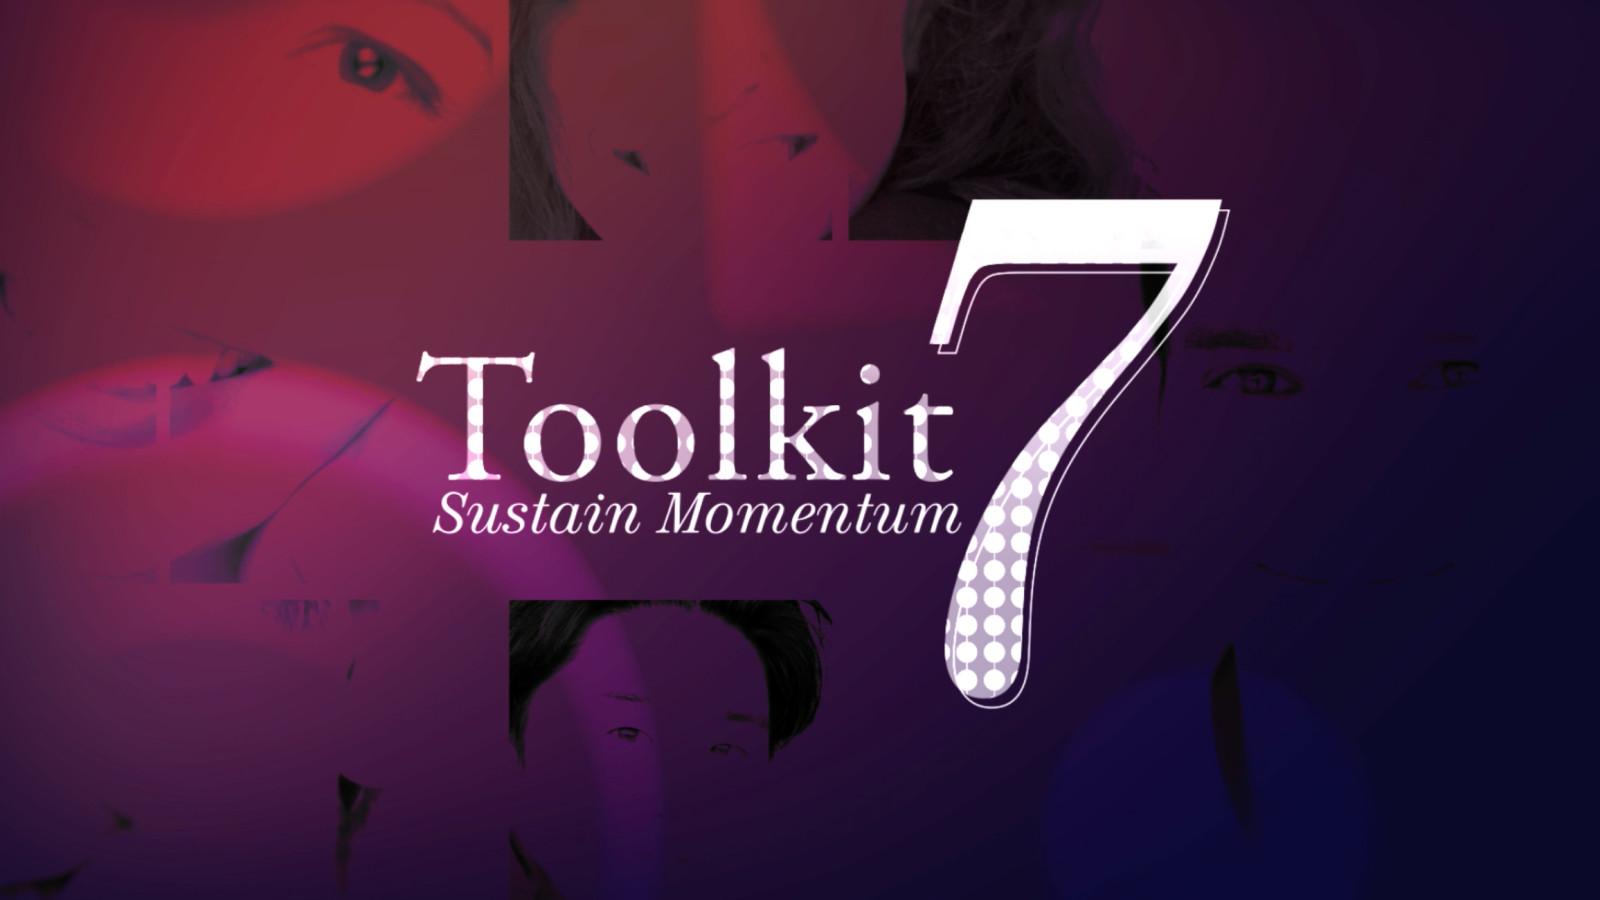 Toolkit 7